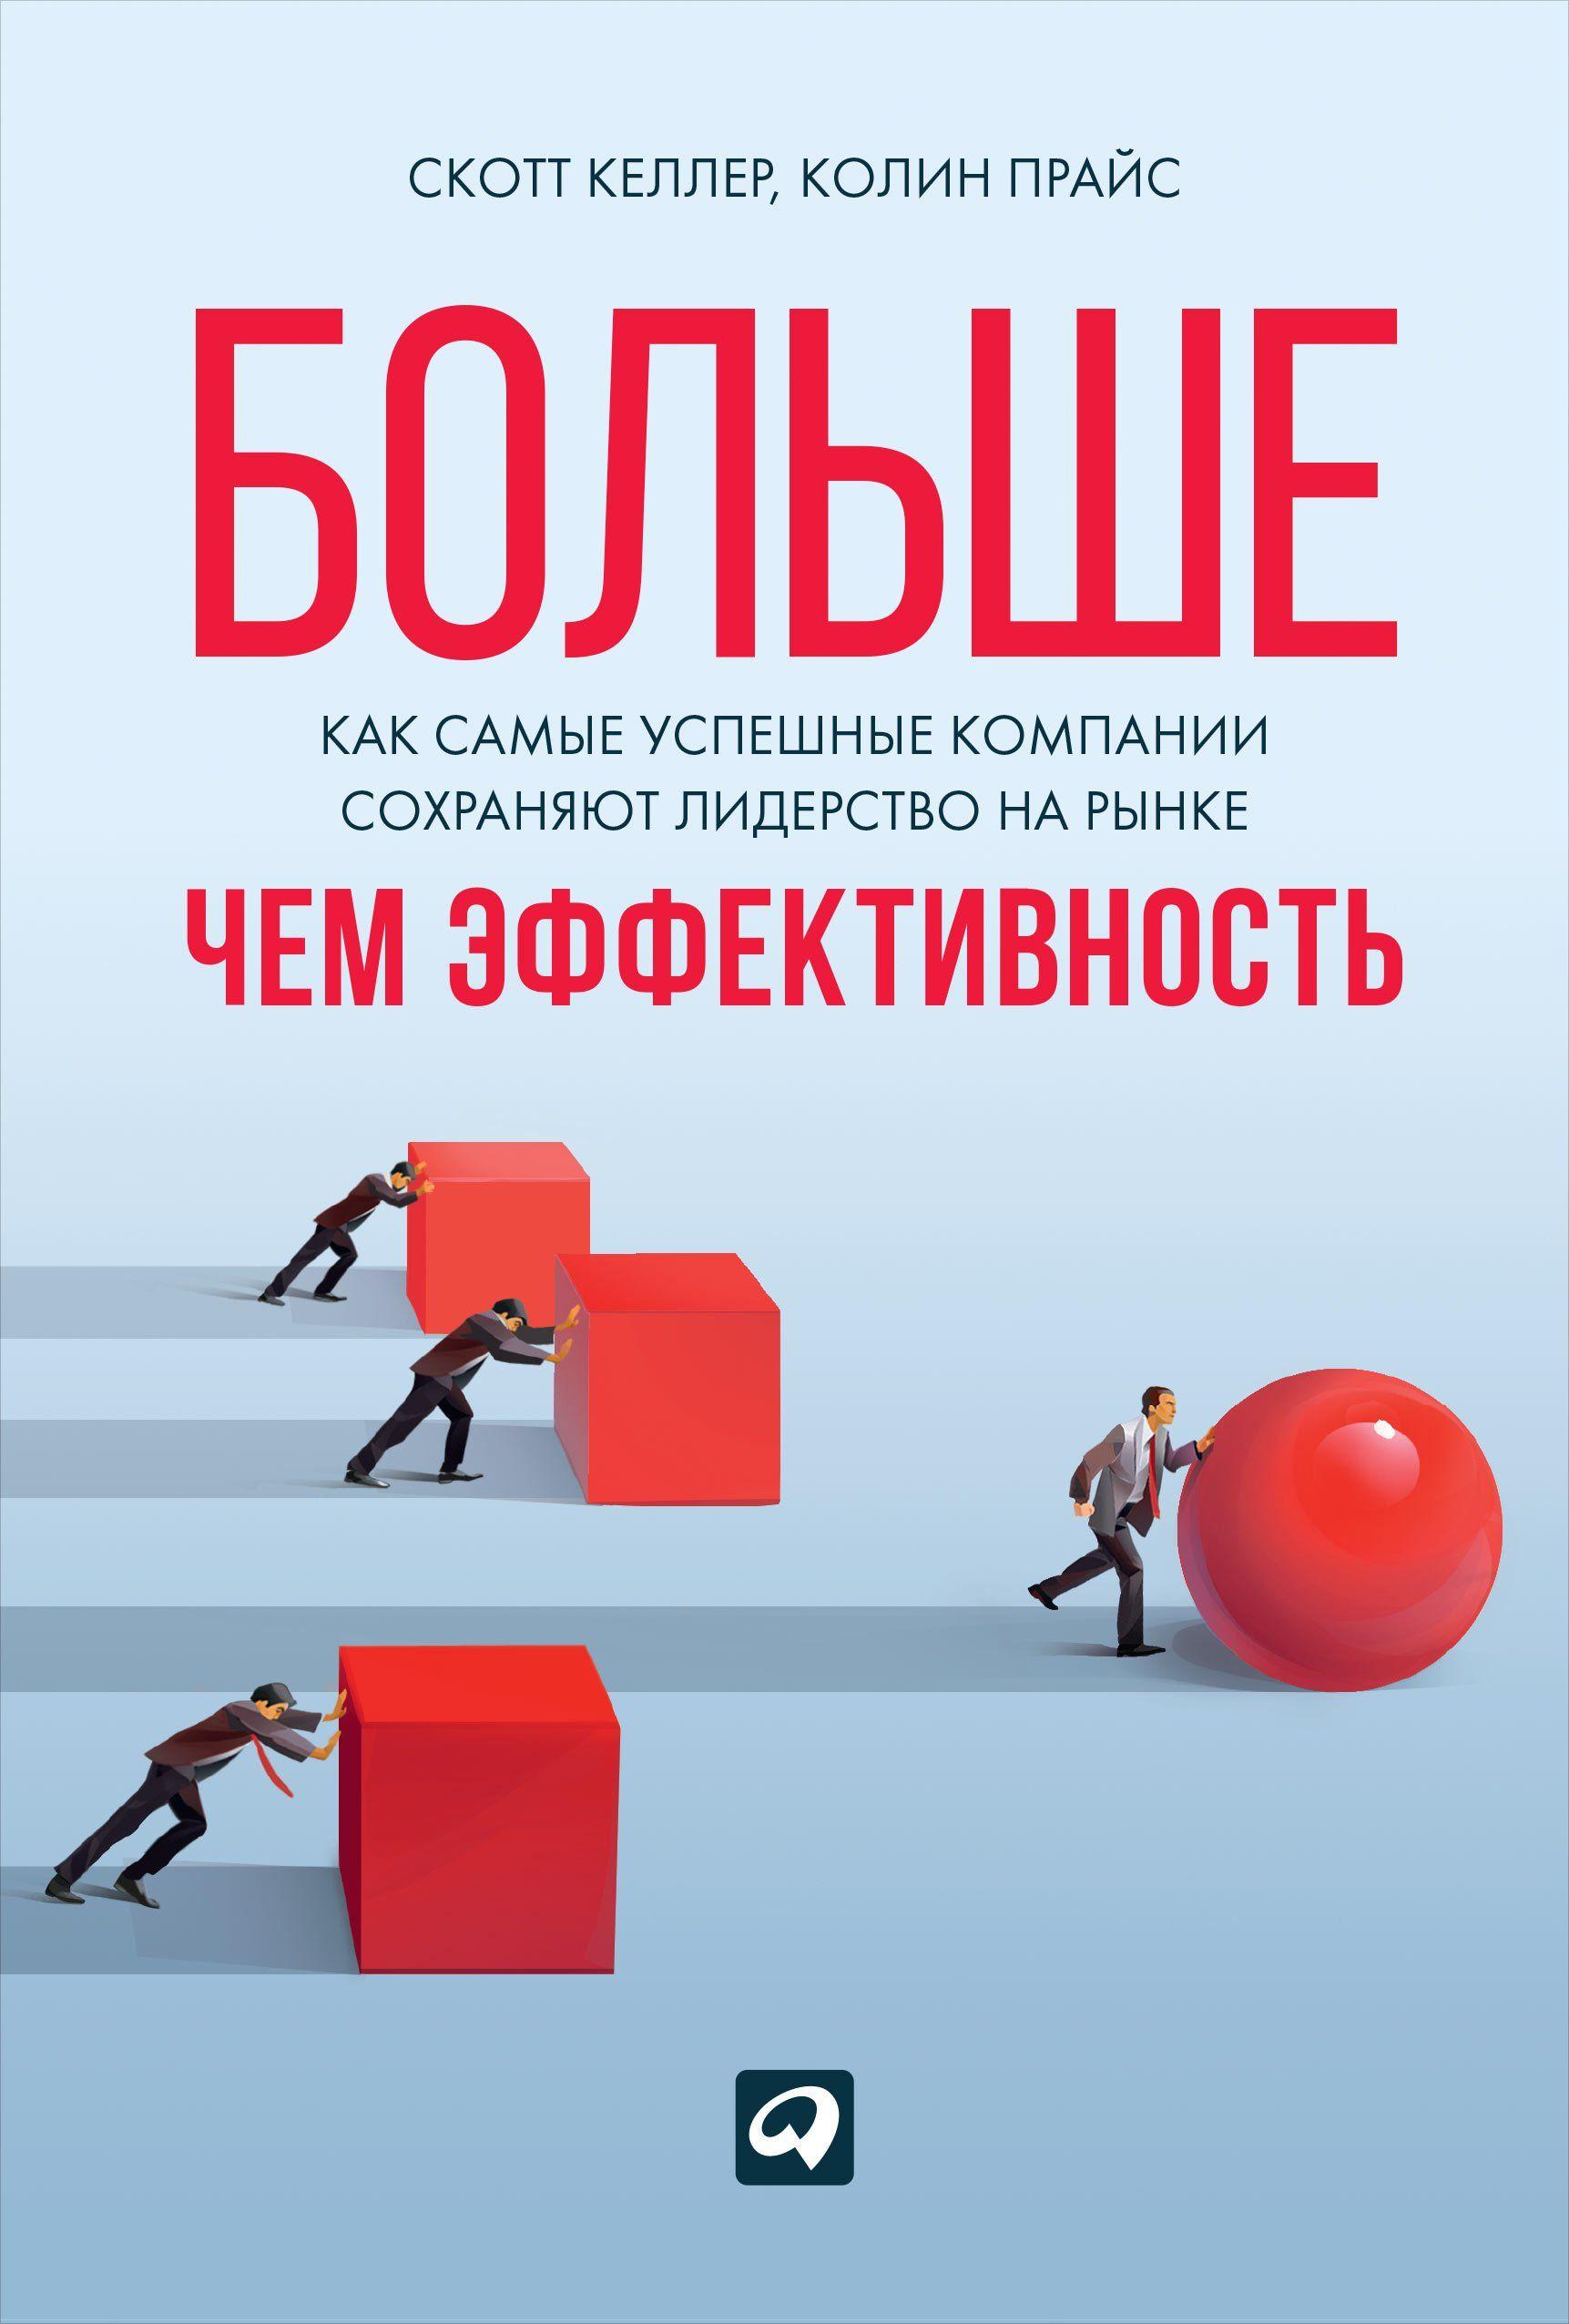 Экономика впечатлений: Как превратить покупку в захватывающее действие. 2-е изд., пересмотр